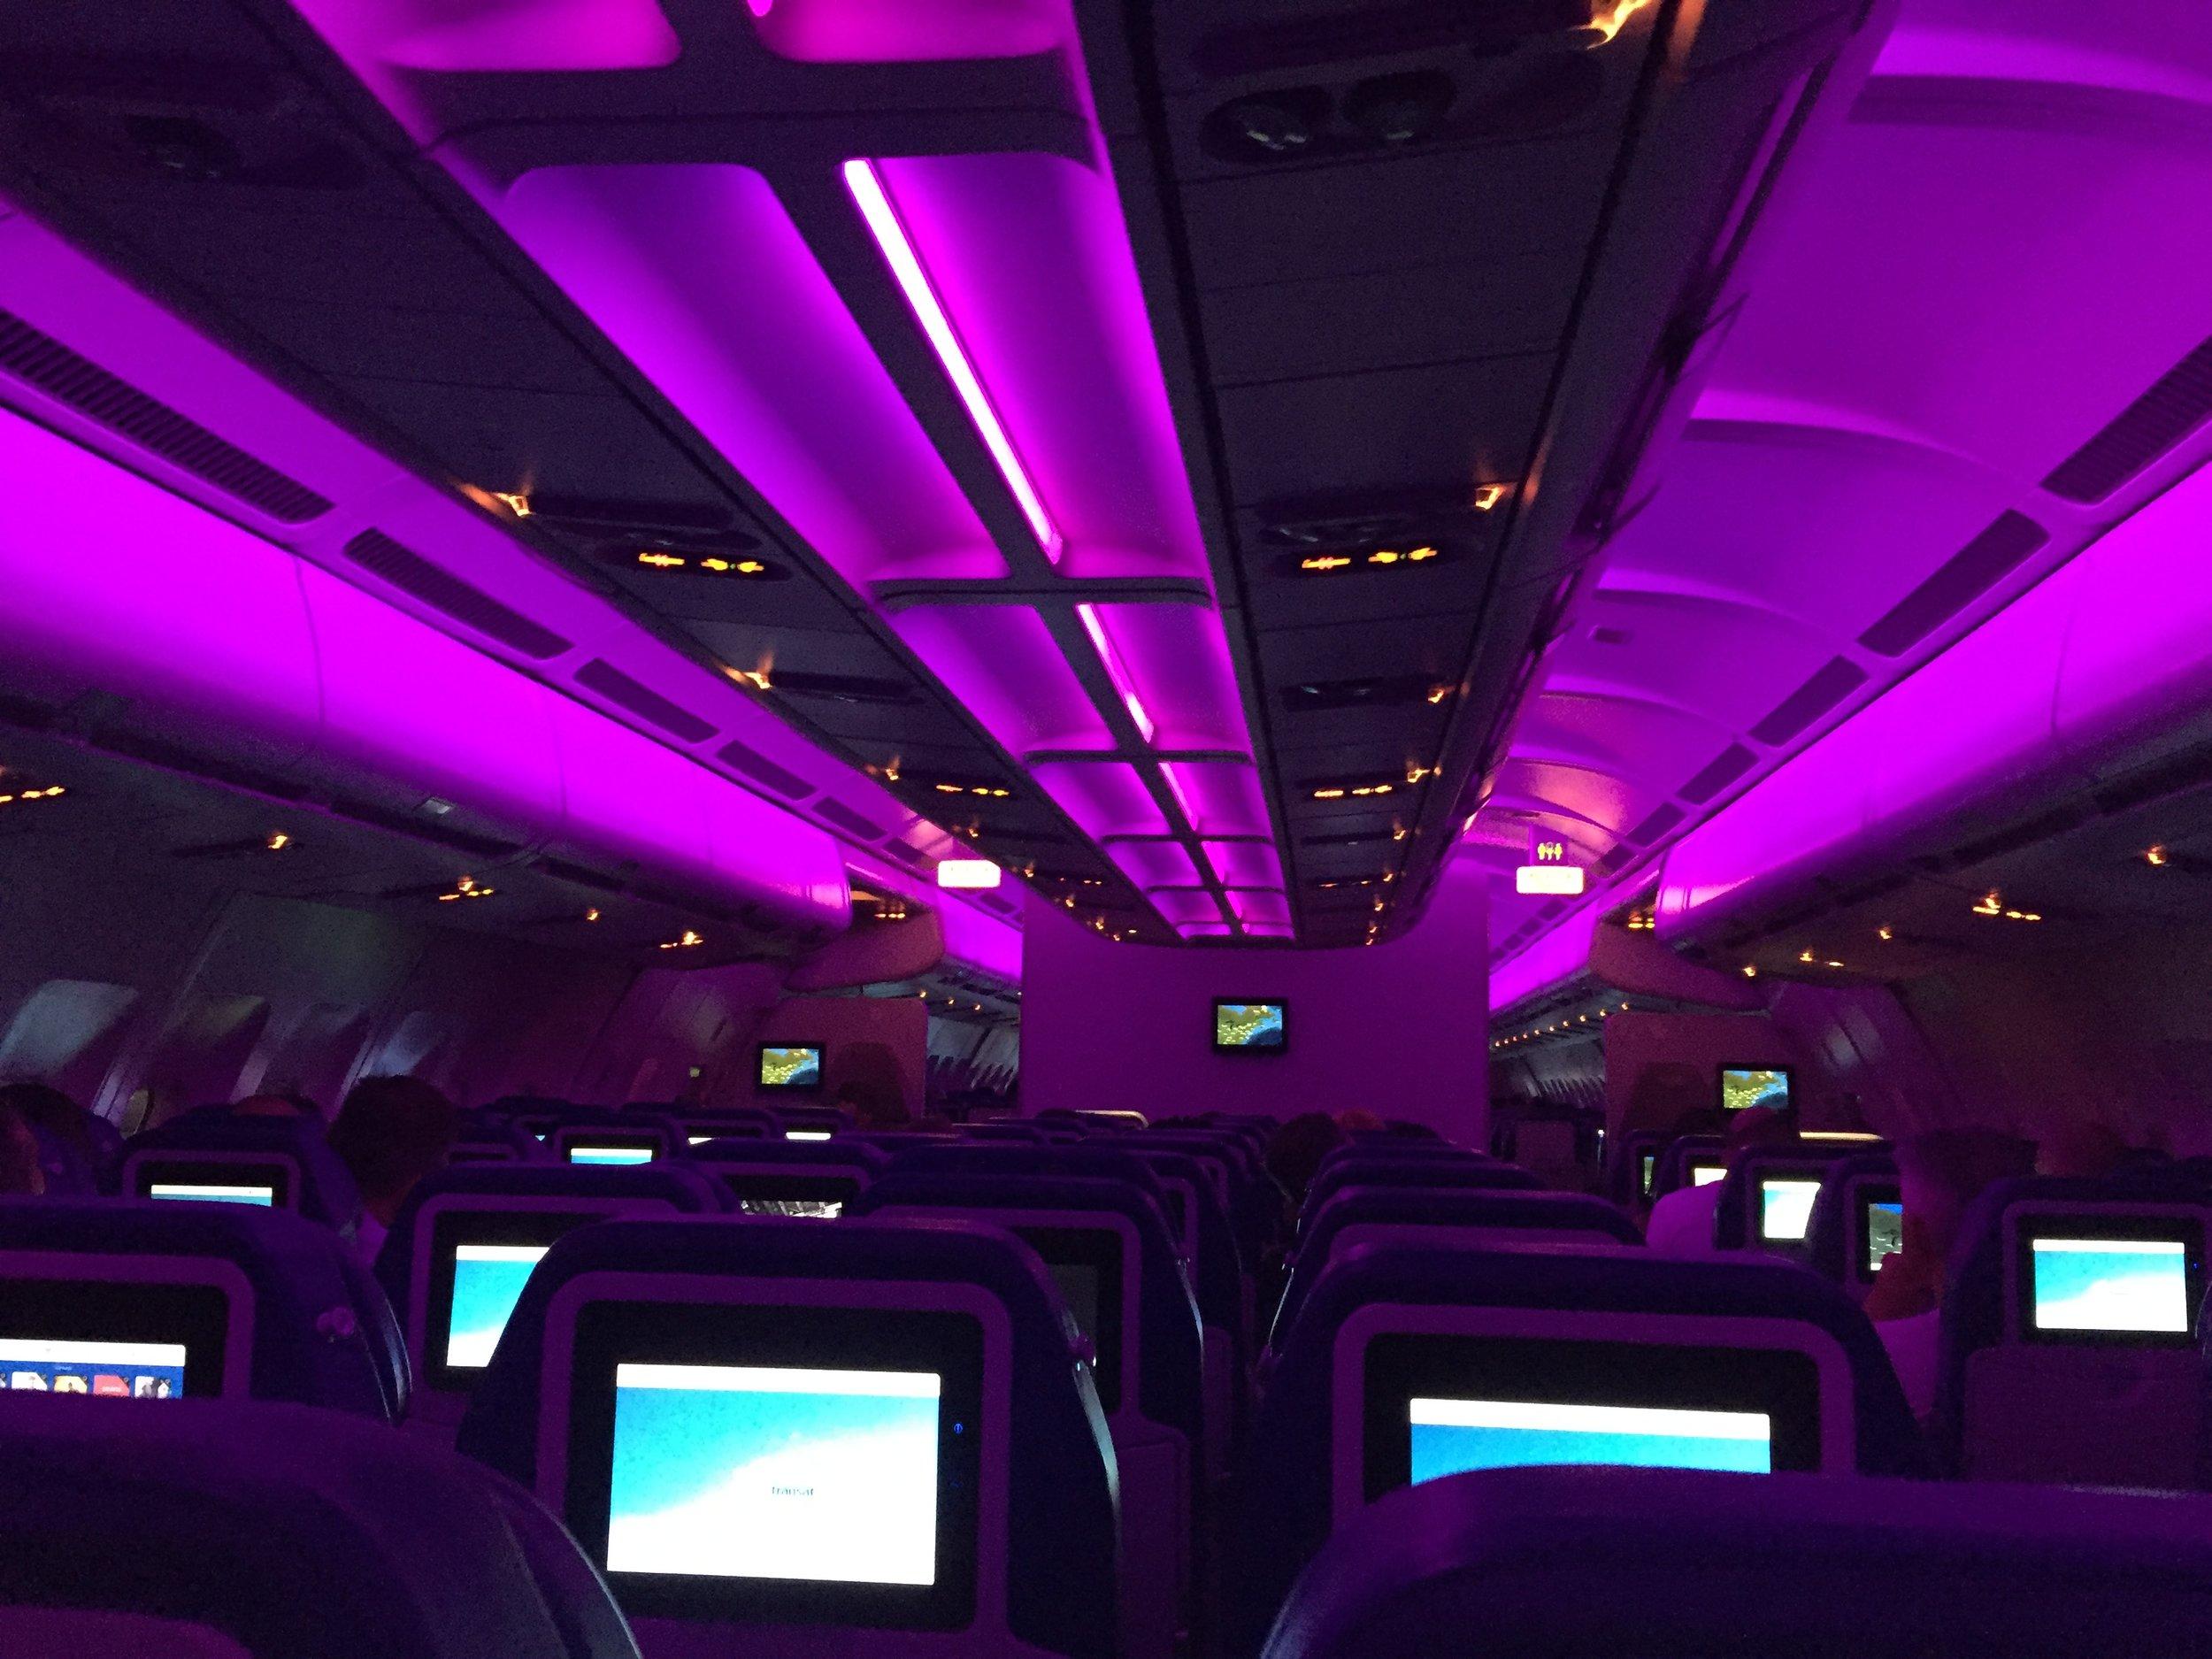 air transat cabin lights.JPG